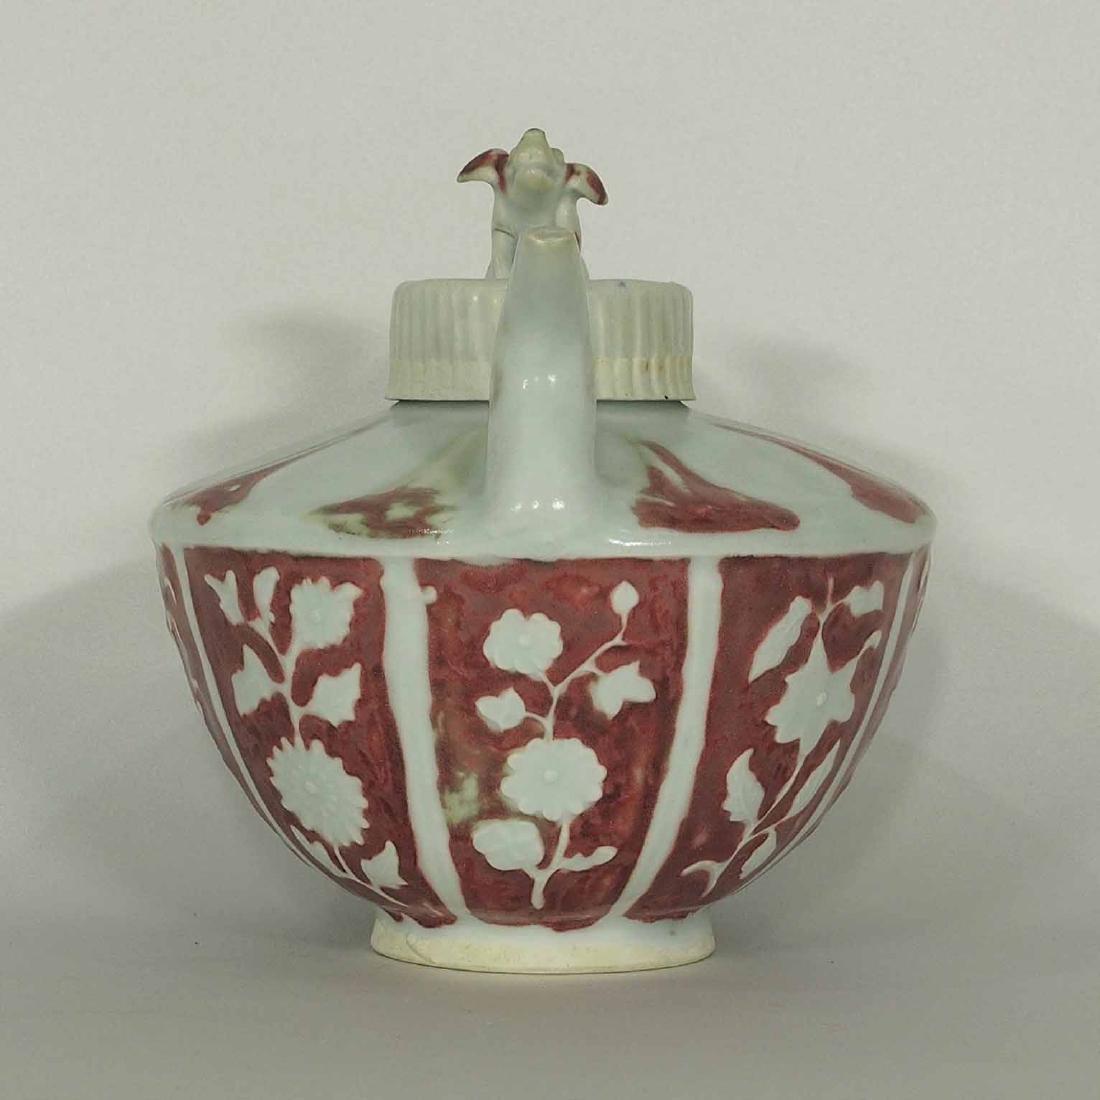 Half Round Ewer with Qilin Lid, Yuan Dynasty - 3